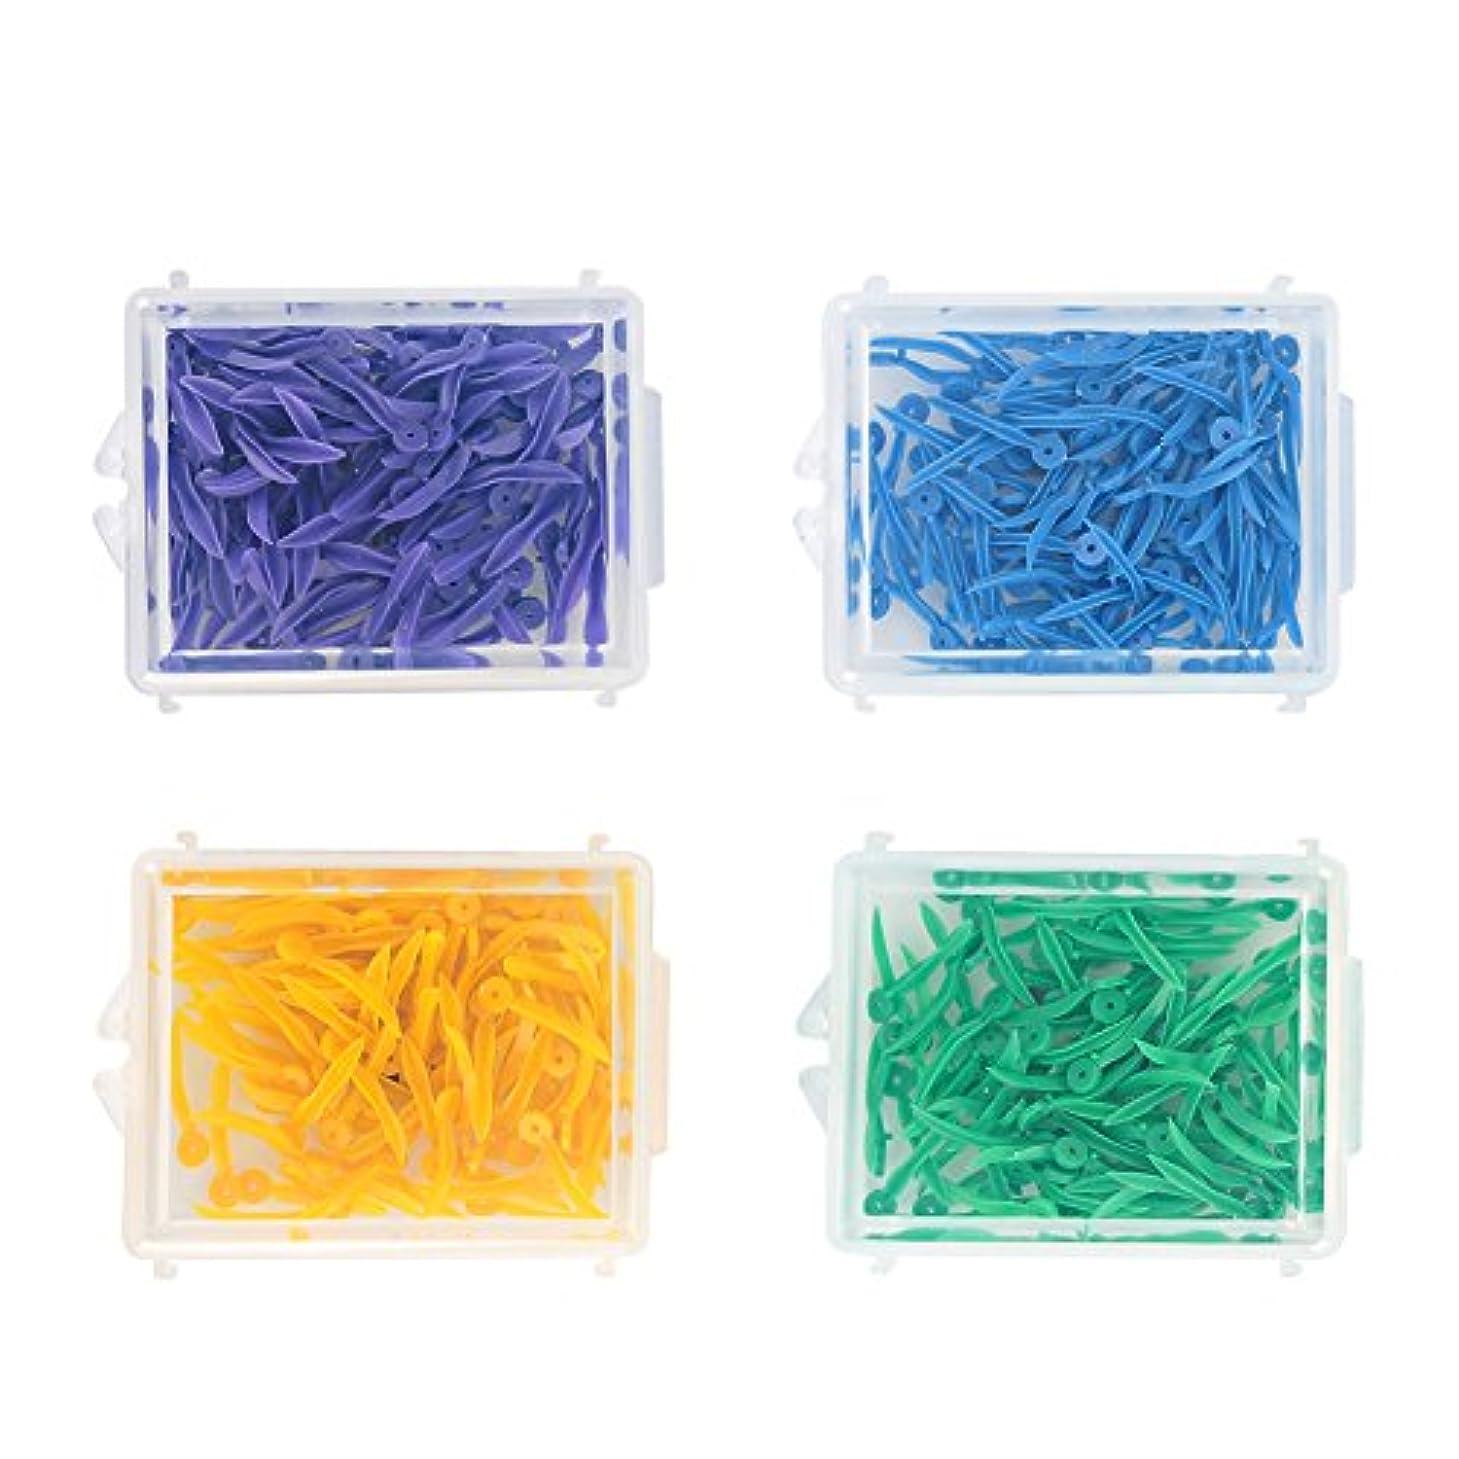 論理投獄400pcs使い捨て歯科用プラスチック製くさびすべての4つのサイズウェーブシェイプウェッジ